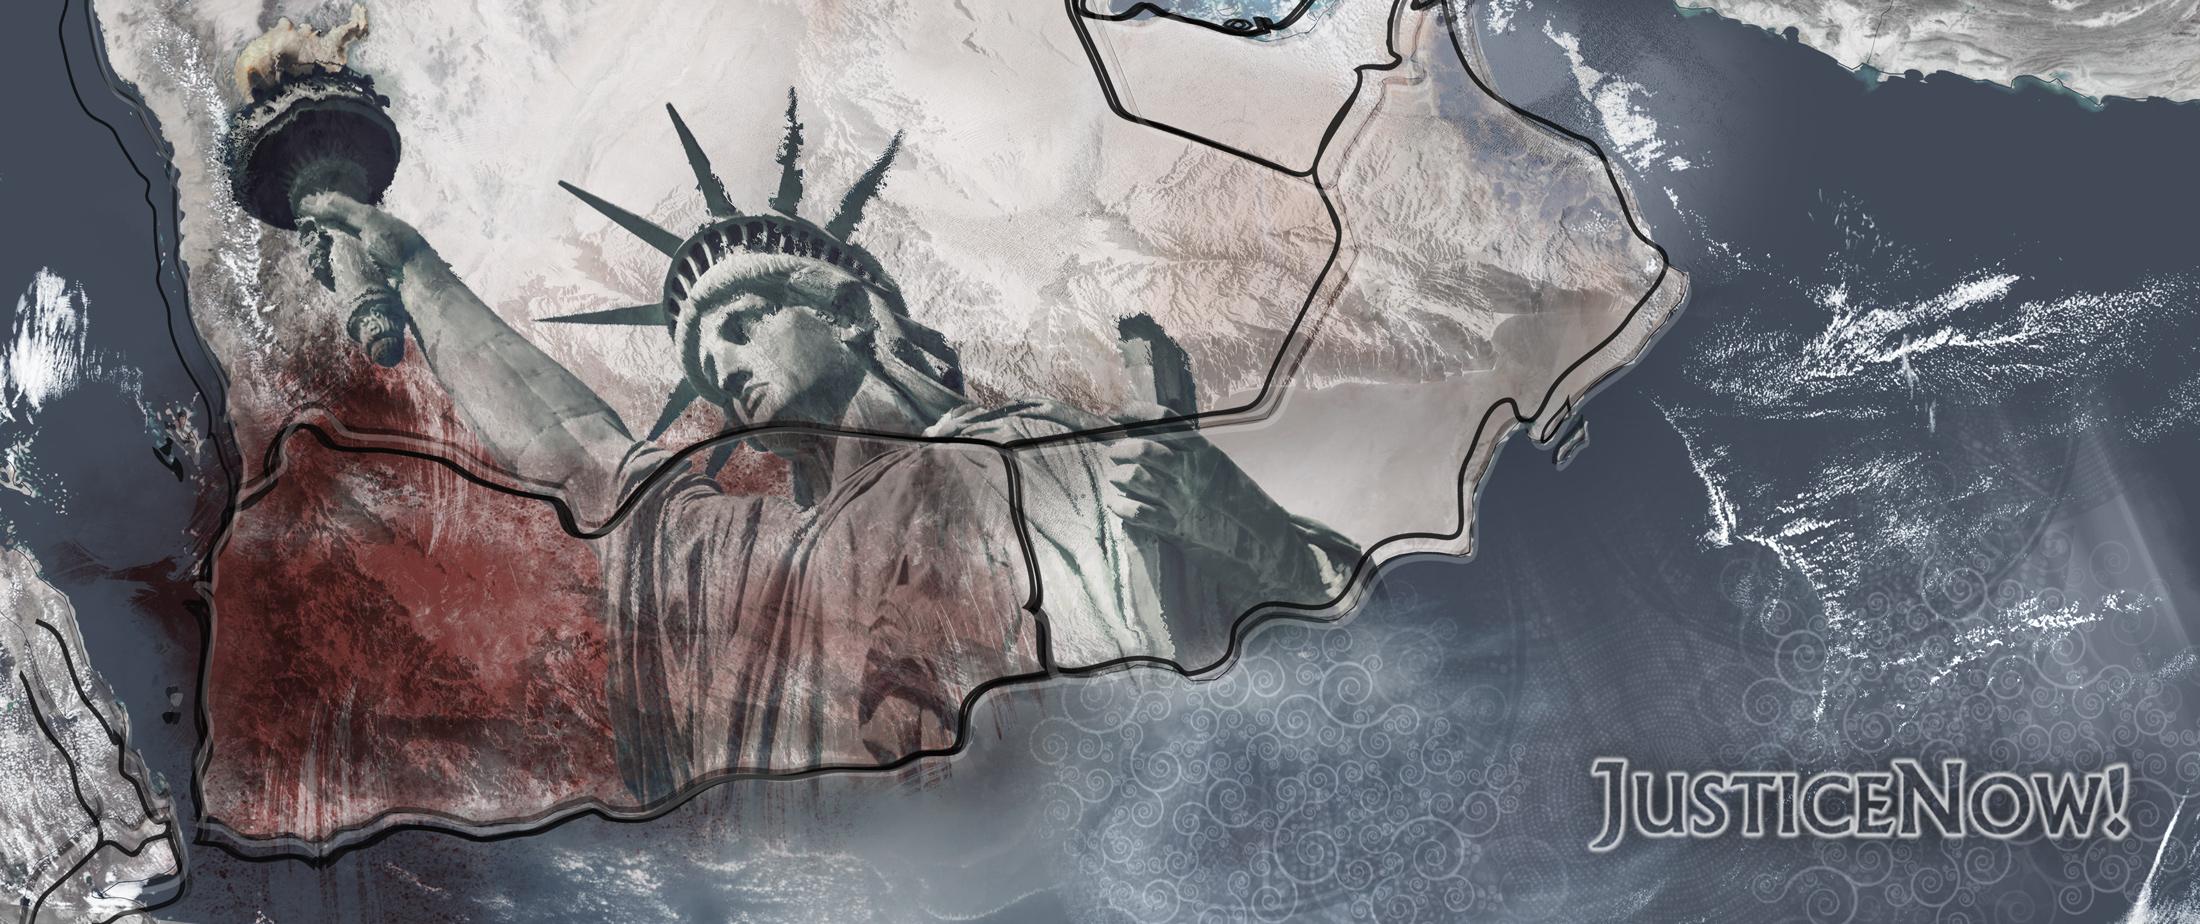 Die Blutspur der USA <br>  <span id='sec-title'>Die Gewalt des US Empire im ärmsten Land der Arabischen Welt</span>